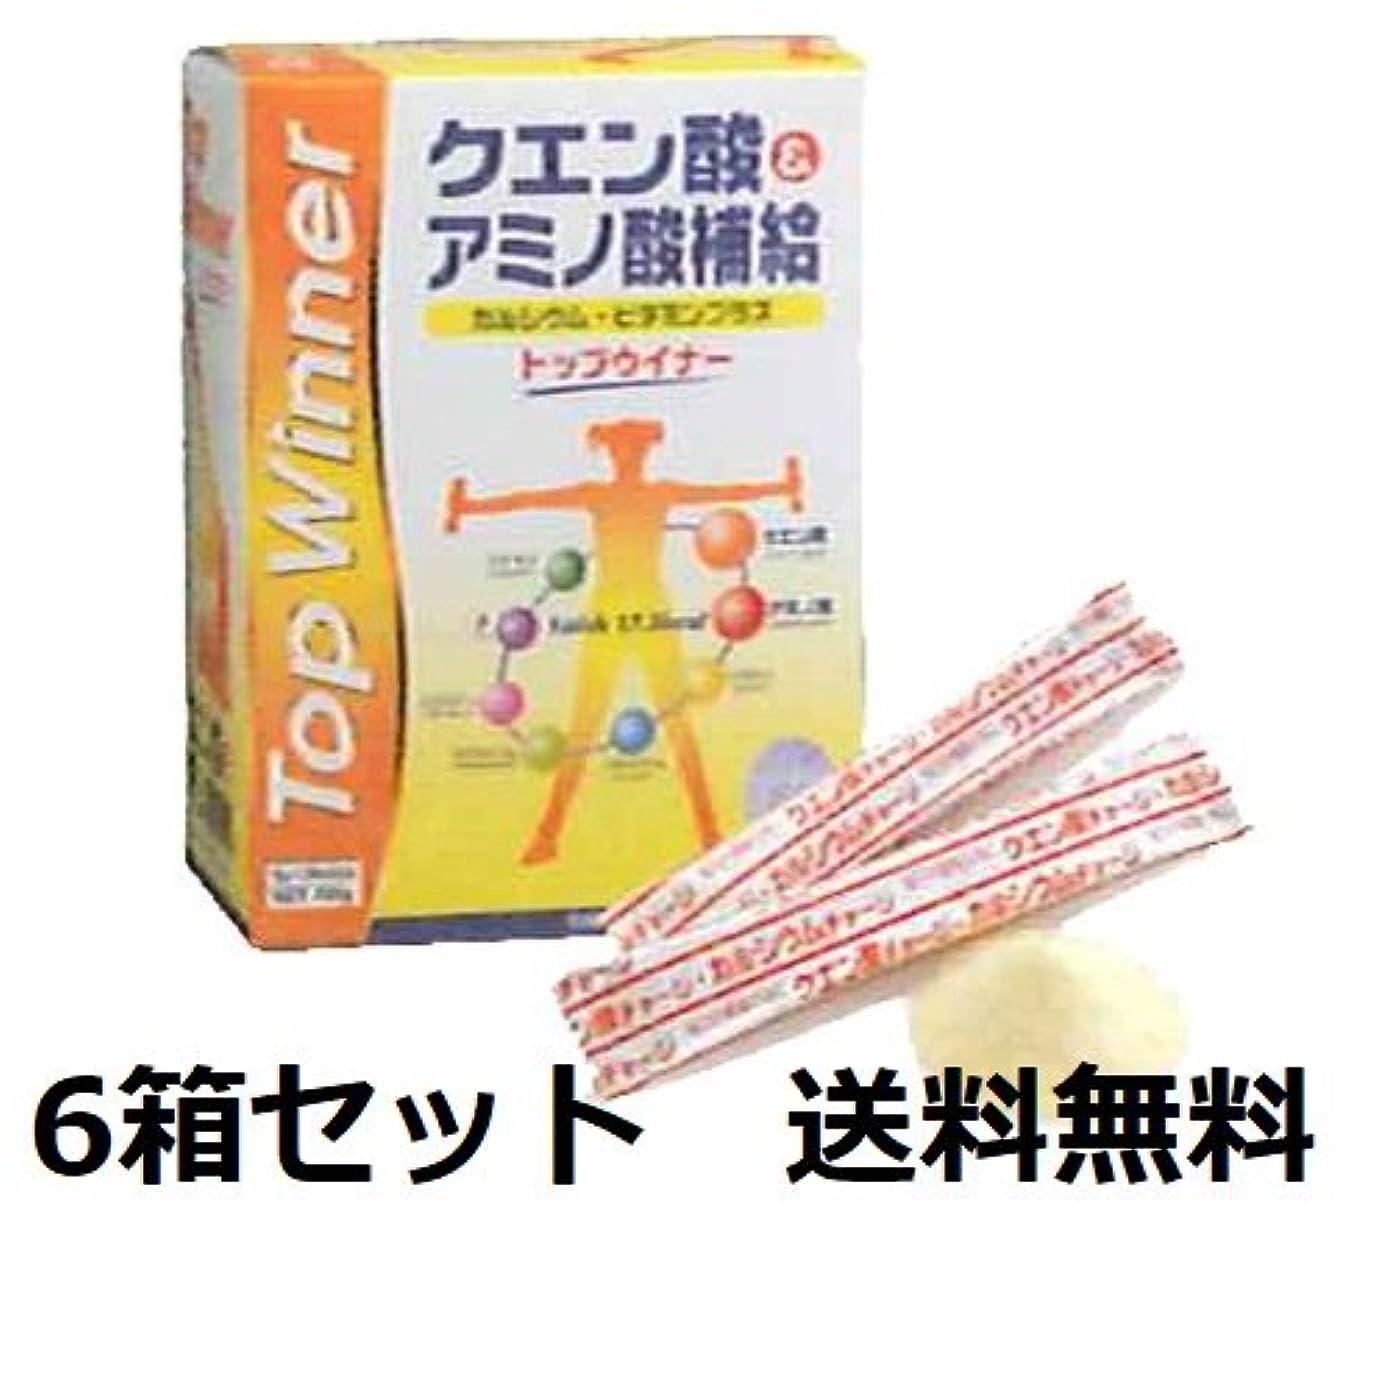 老朽化したつかの間交流するトップウイナー 6箱セット アミノ酸?クエン酸飲料 5g×30本入(150g)×6箱